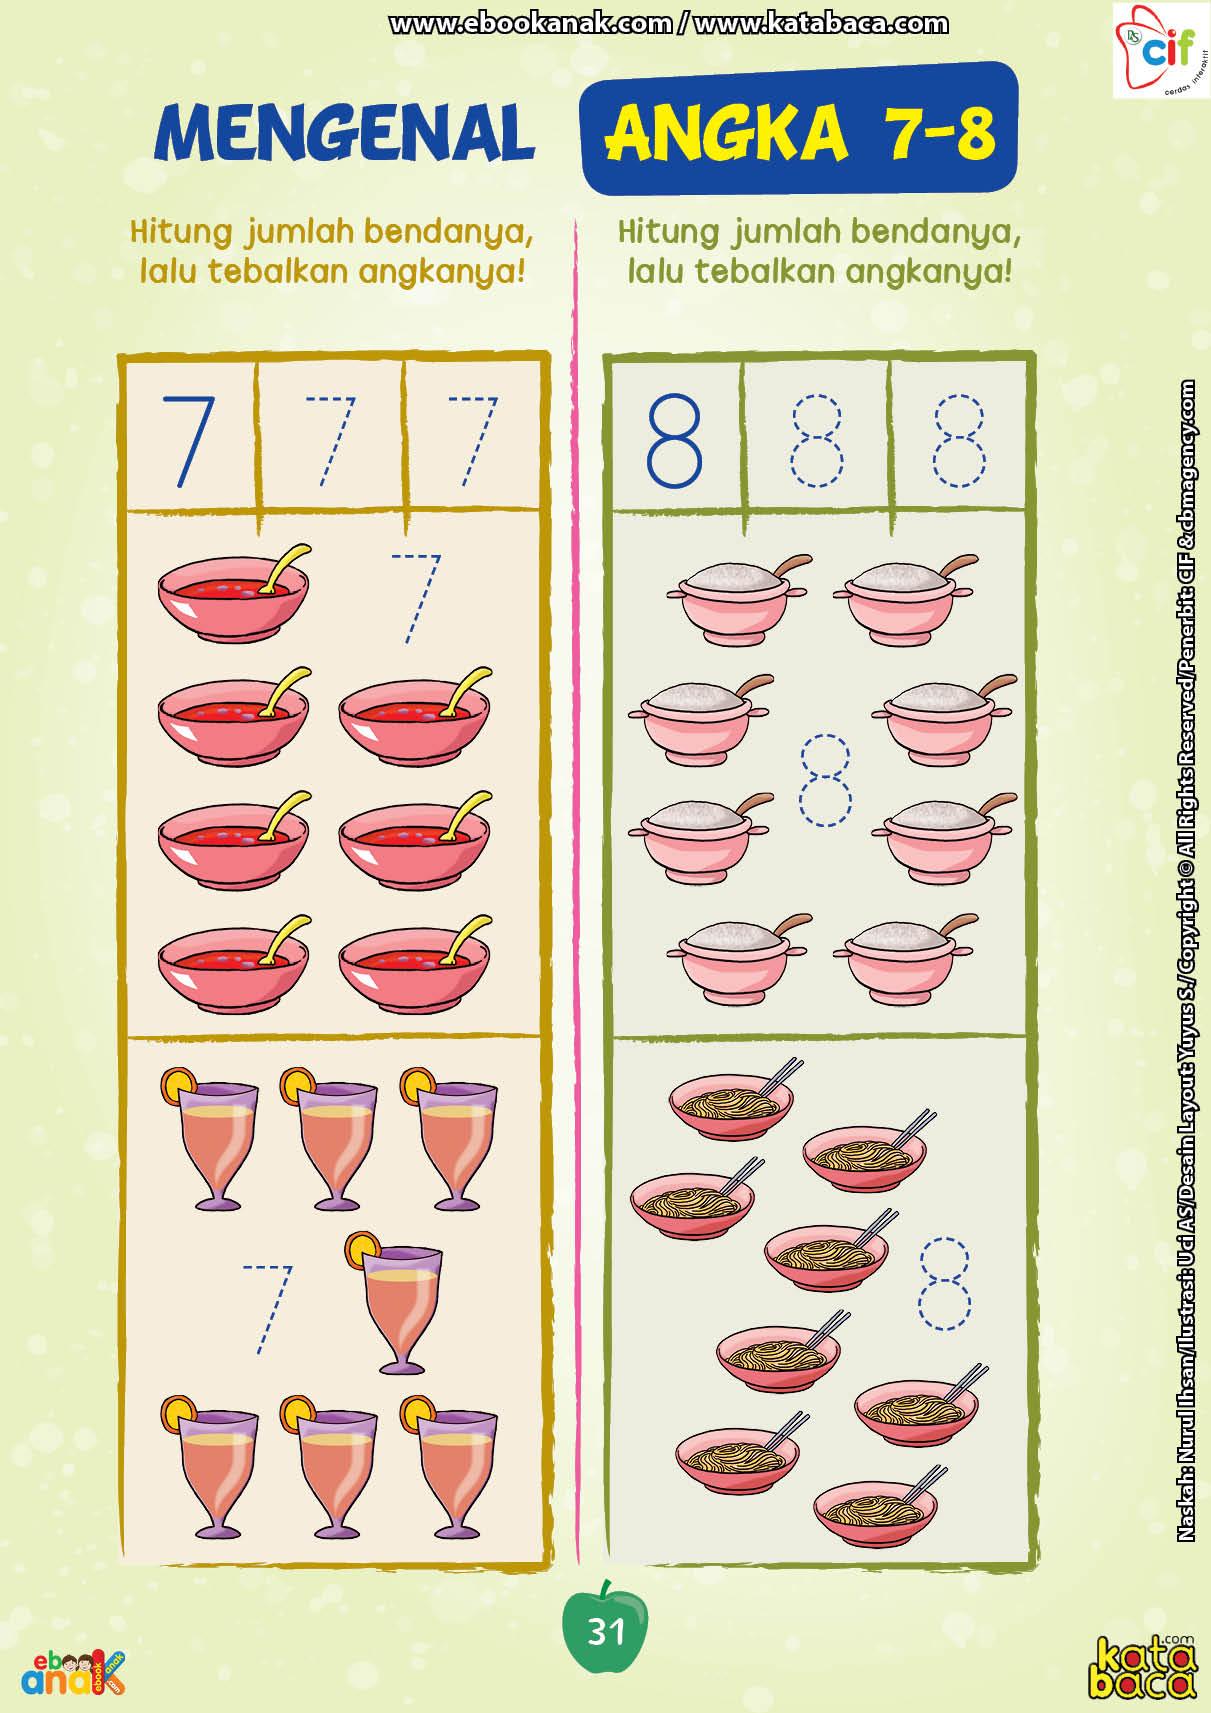 baca buku online brain games calistung31 Menghitung Jumlah Benda dan Menebalkan Angka 7 dan 8